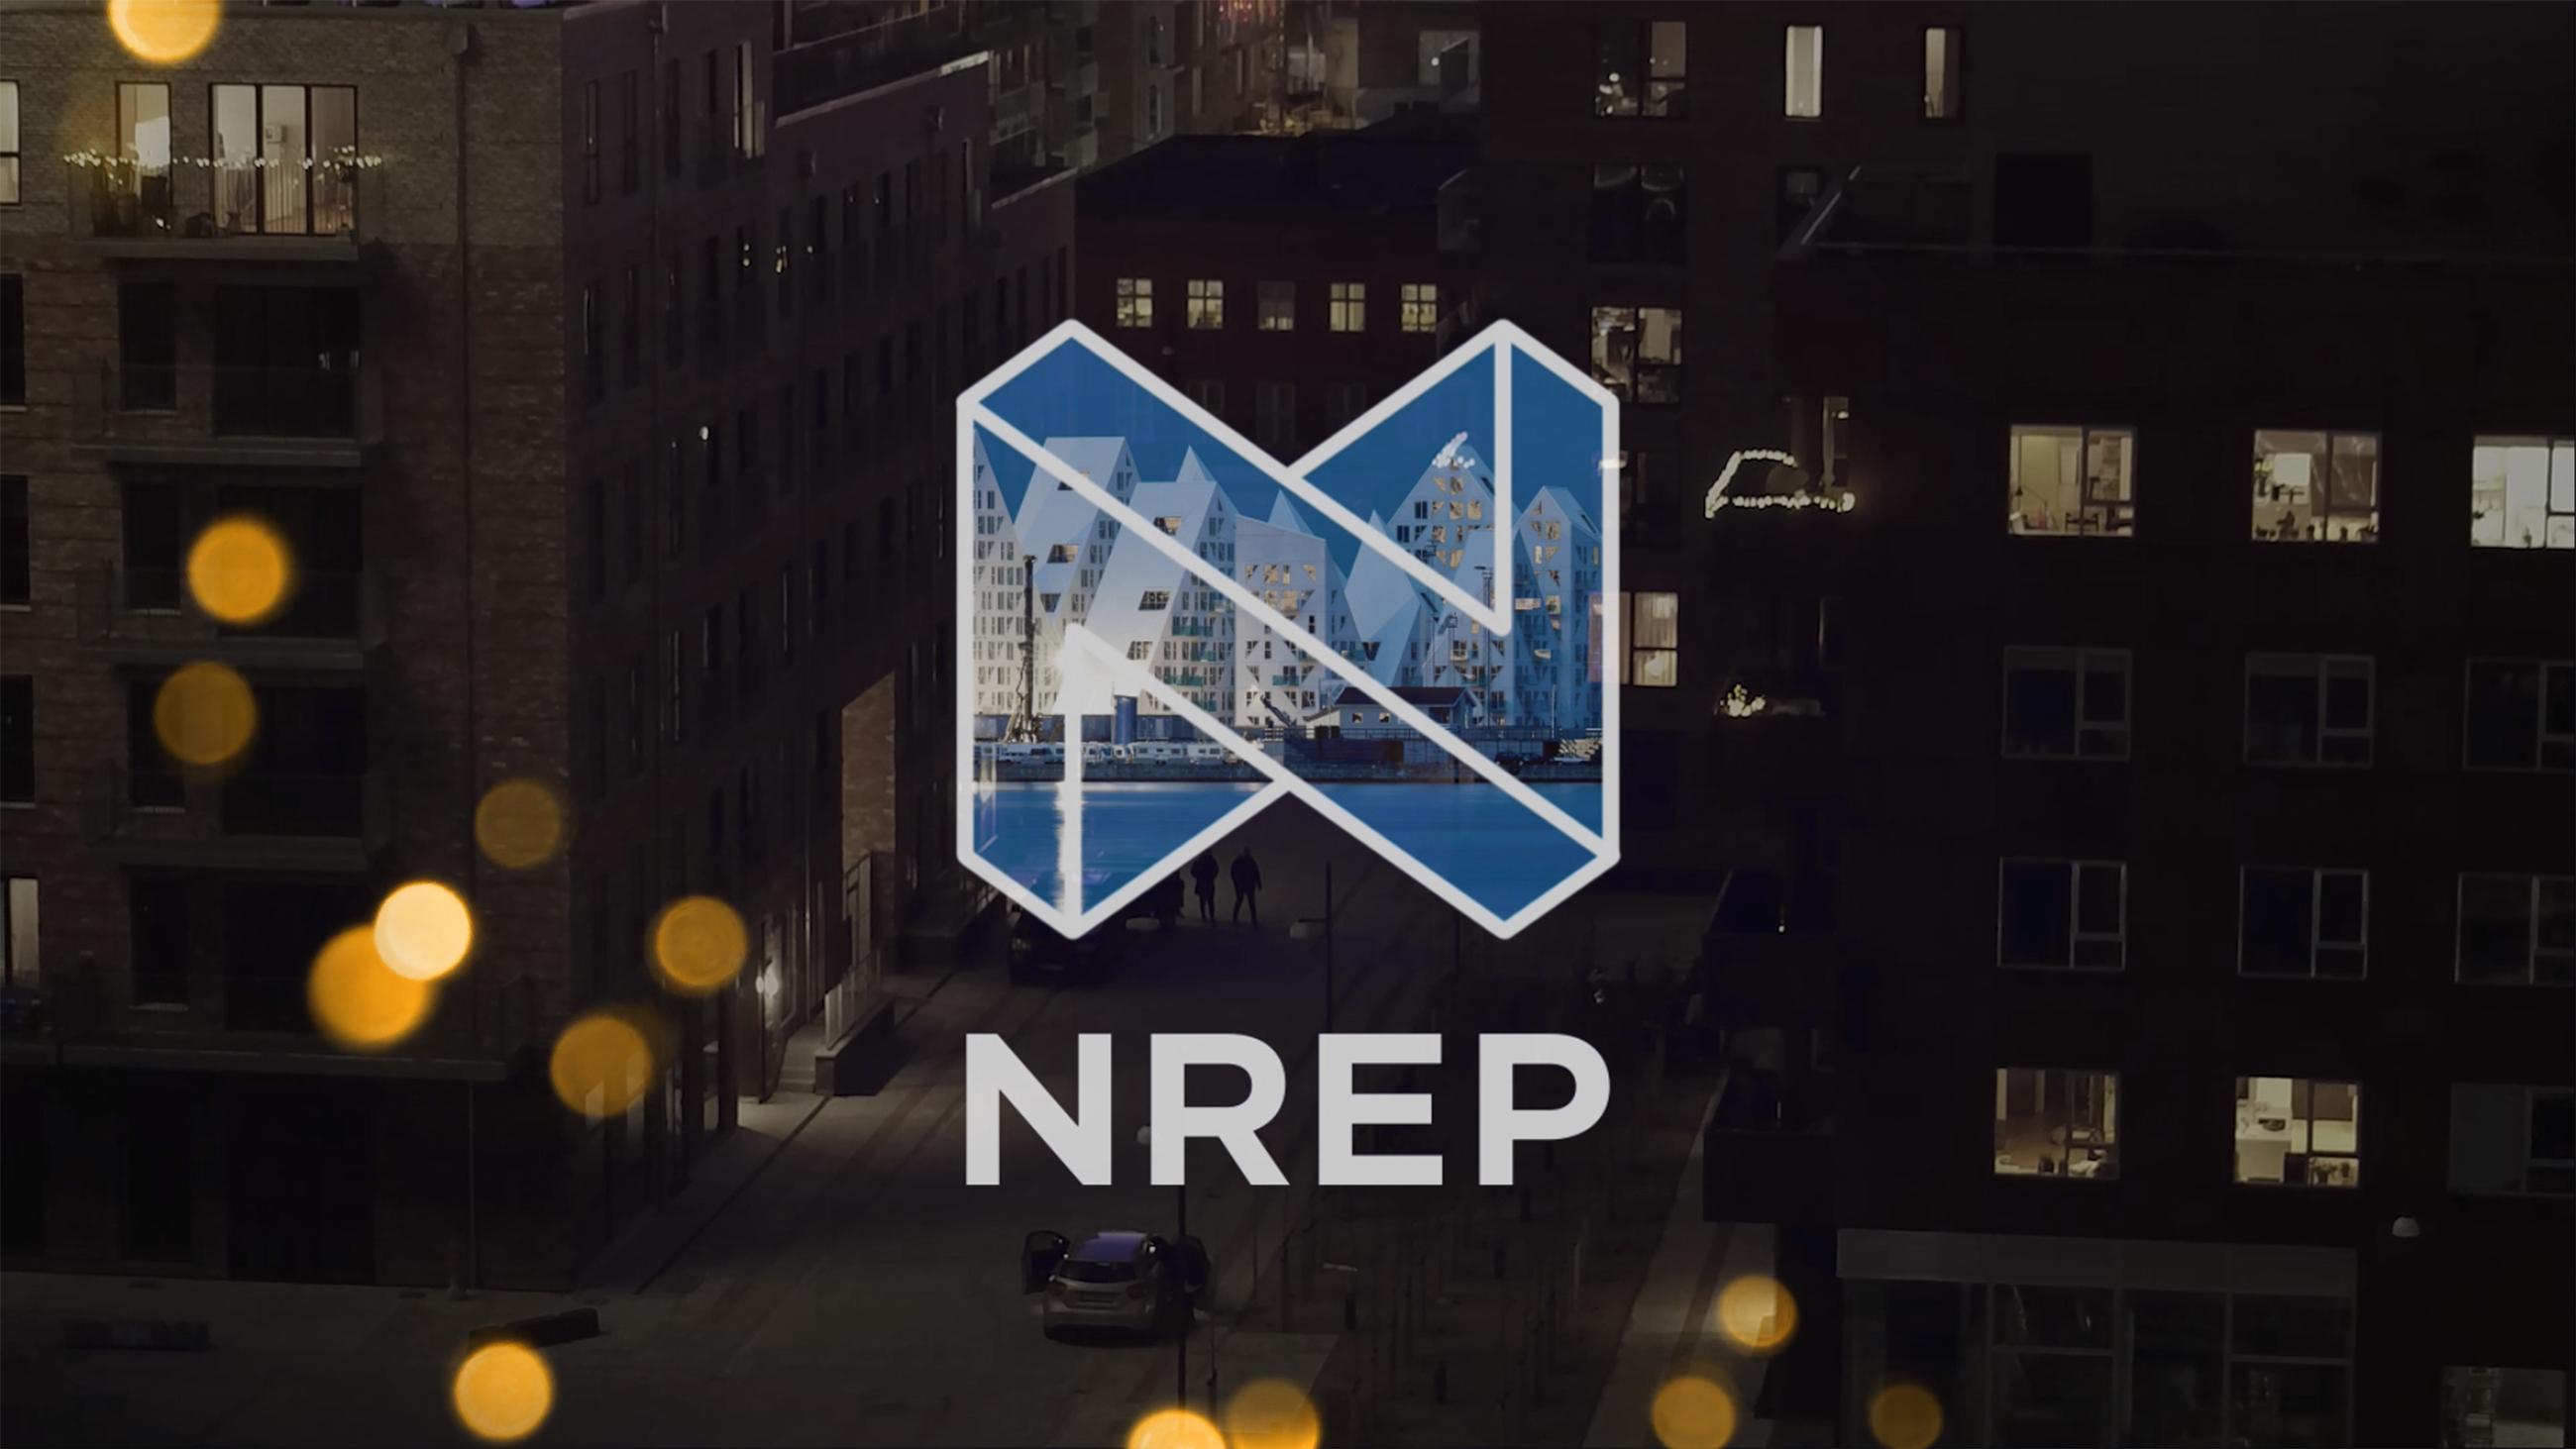 NREP: Digitale og bæredygtige kompetencer